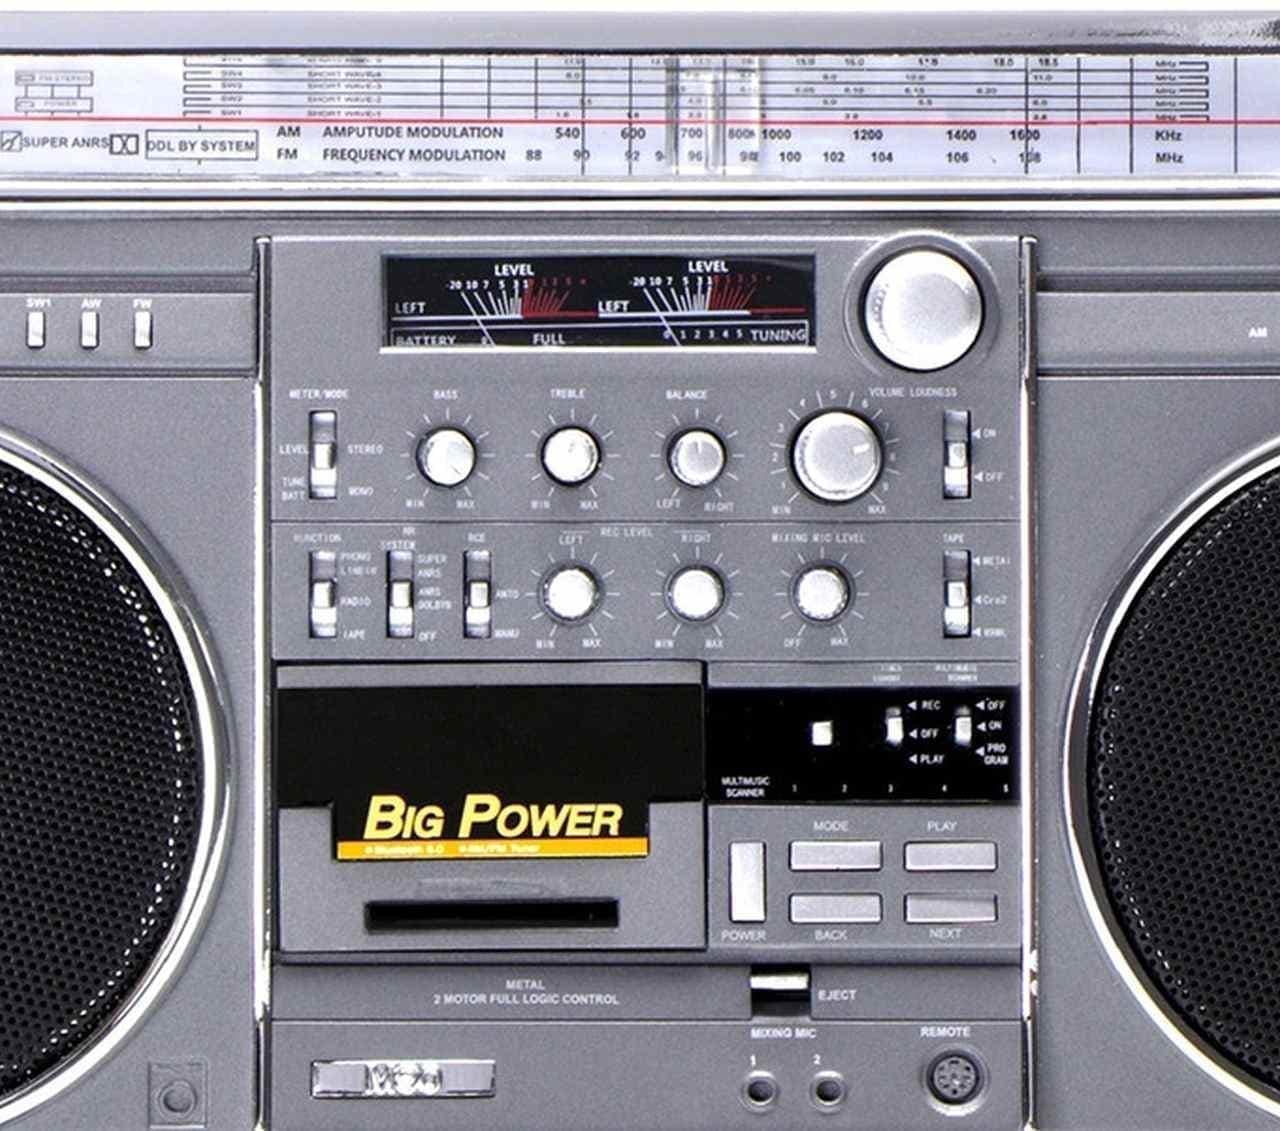 1980年代のラジカセを再現したBluetoothスピーカー「RepliTronics」